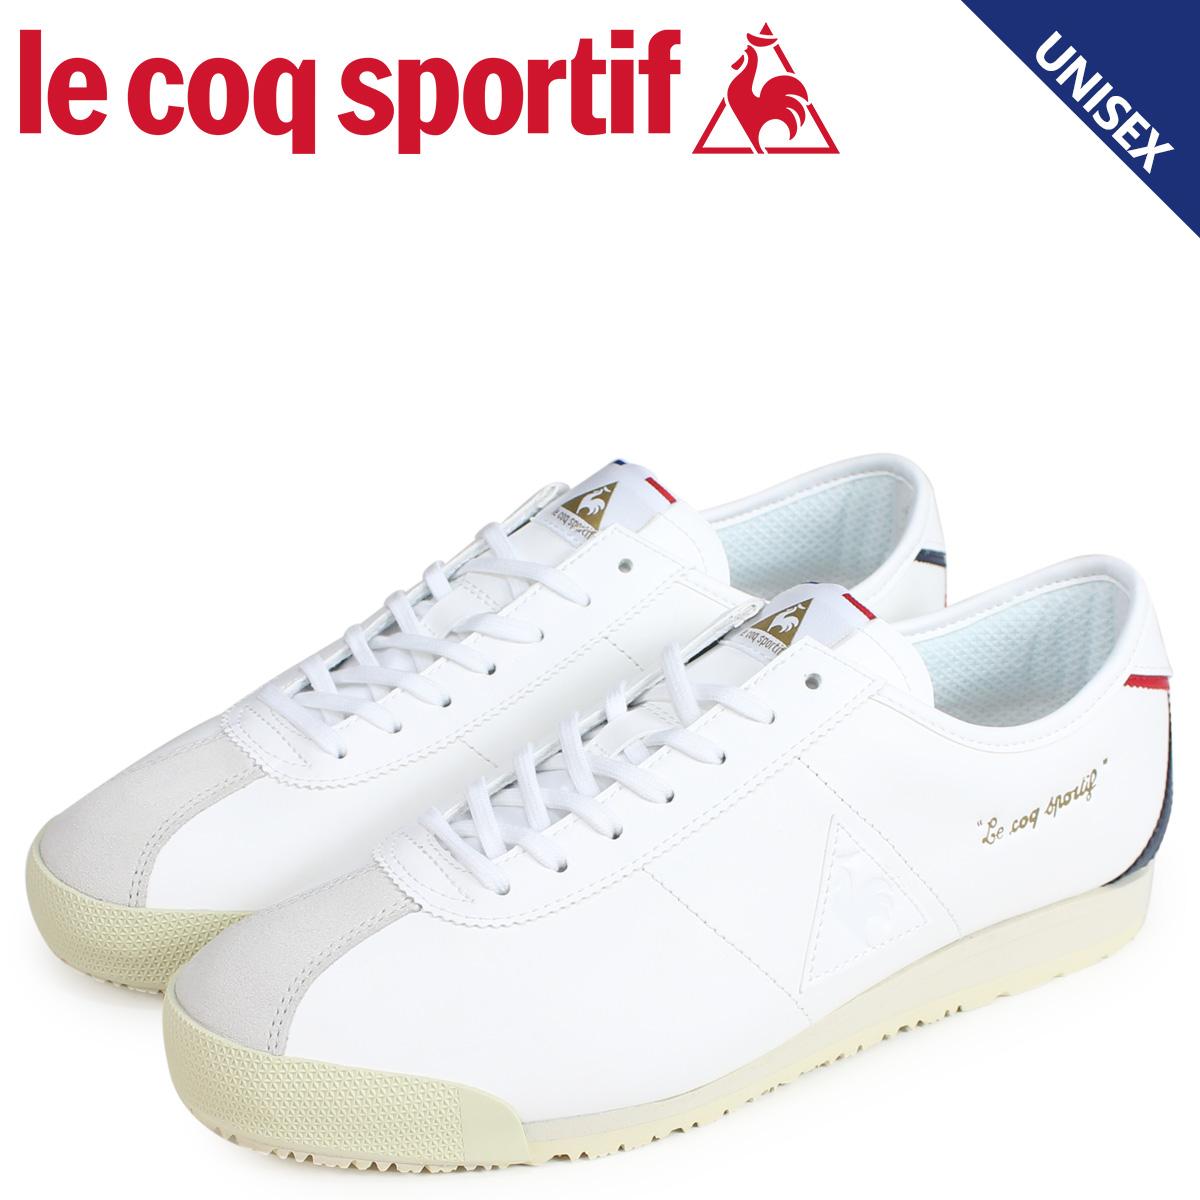 le coq sportif ルコック スポルティフ スニーカー モンペリエ OG メンズ レディース MONTPELLIER ホワイト QL1NJC01WH [予約商品 4/10頃入荷予定 追加入荷]